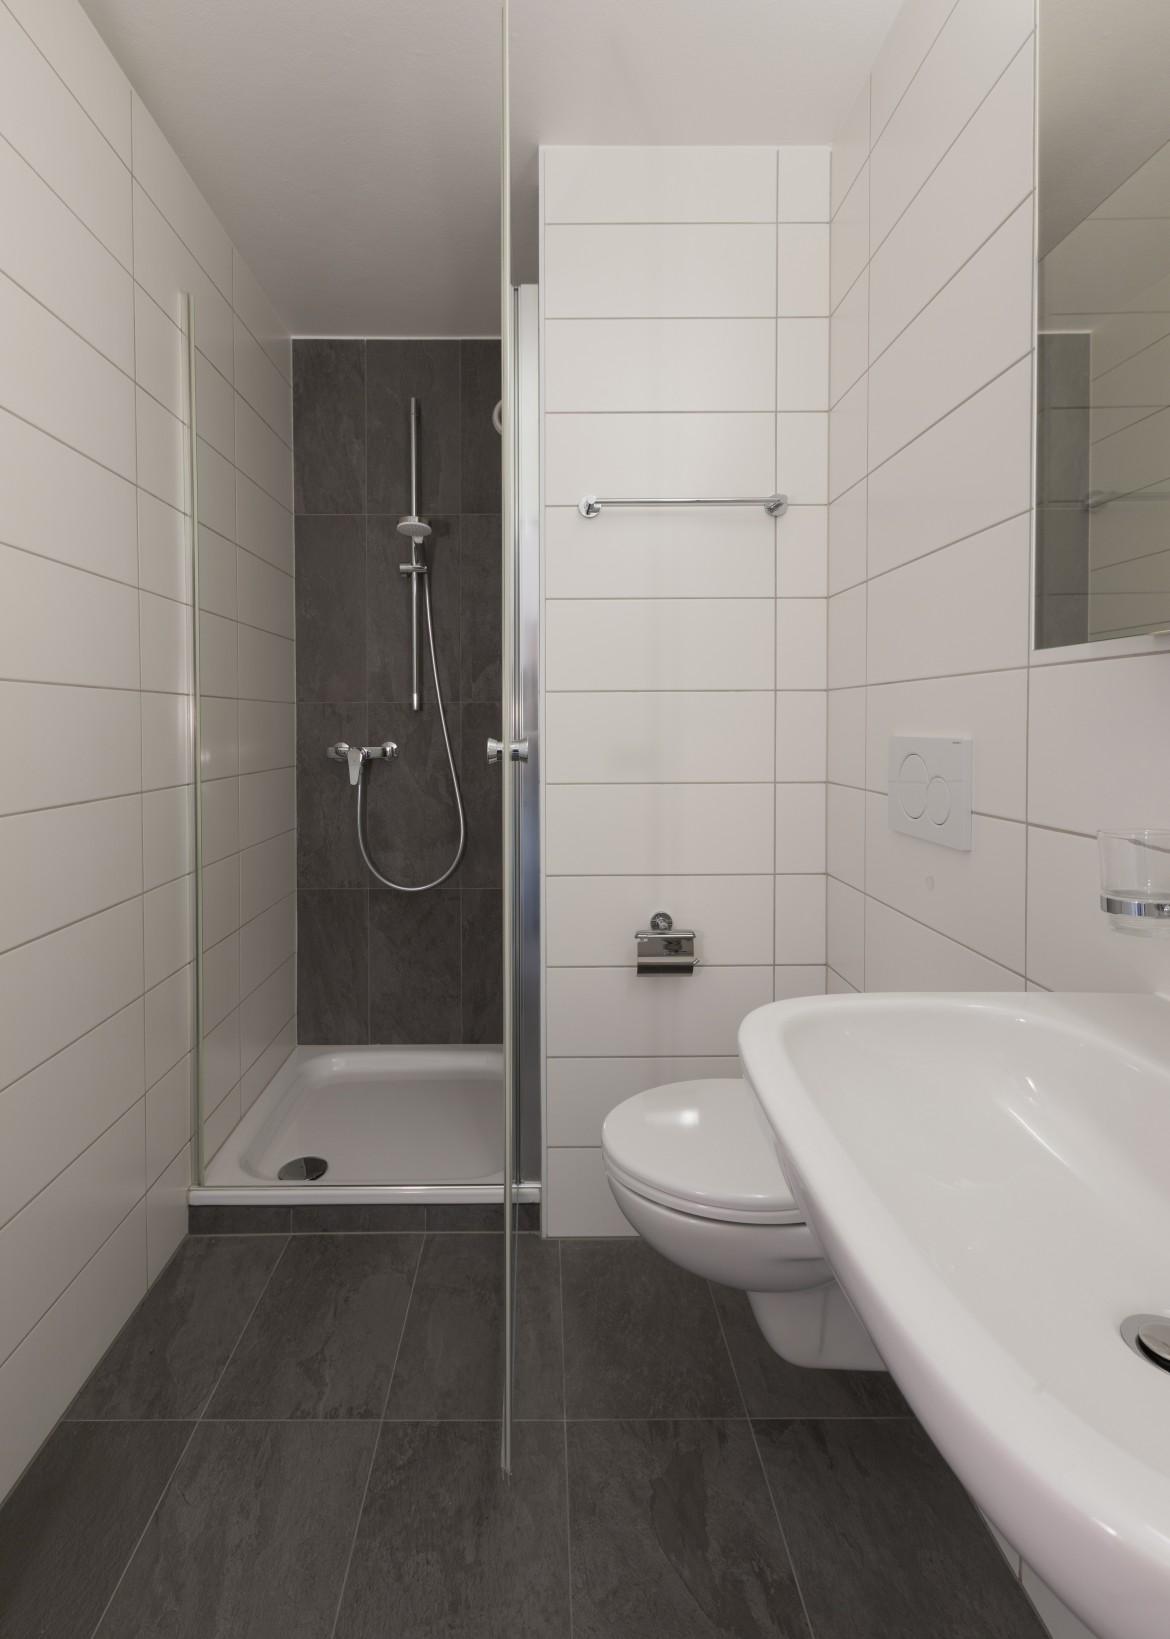 WC après rénovation et avec ajout d'une douche